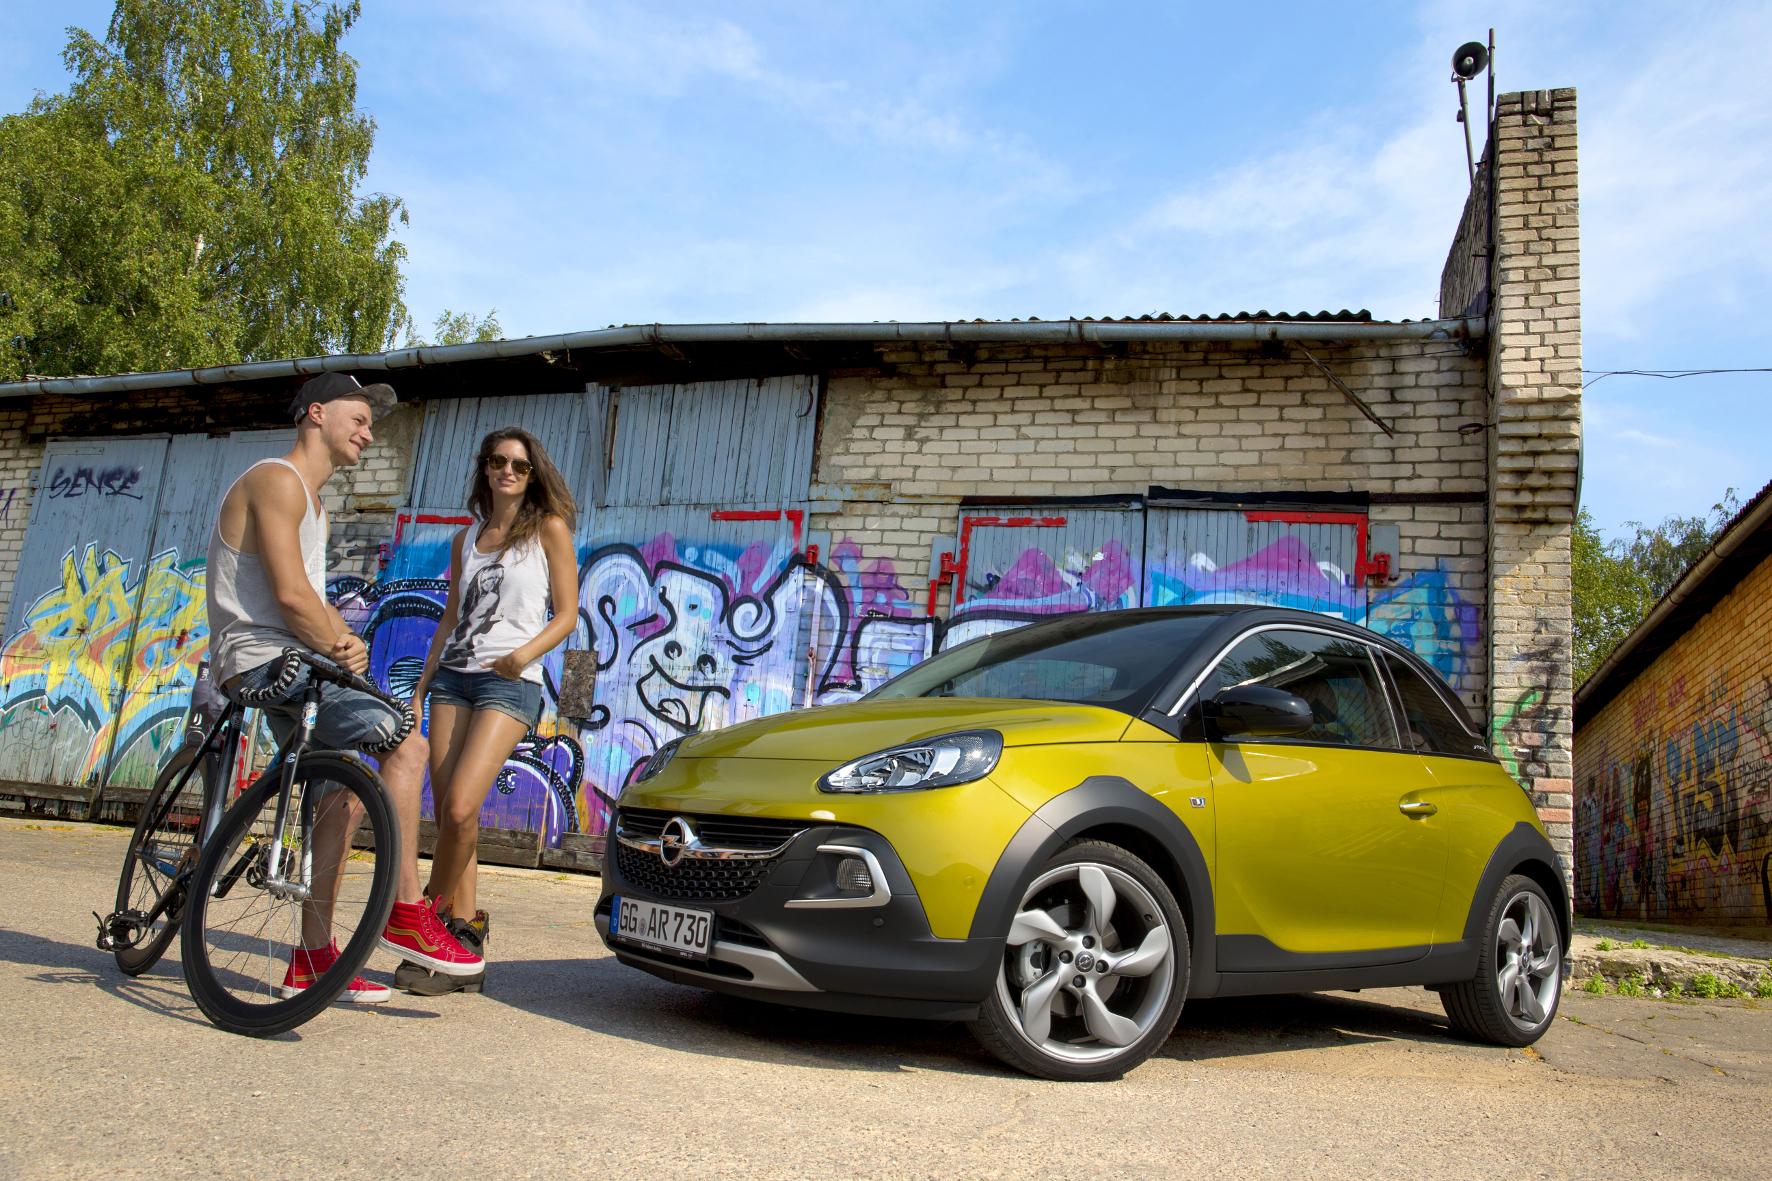 Opel macht Mode: Lifestyle-Autos für junge Leute